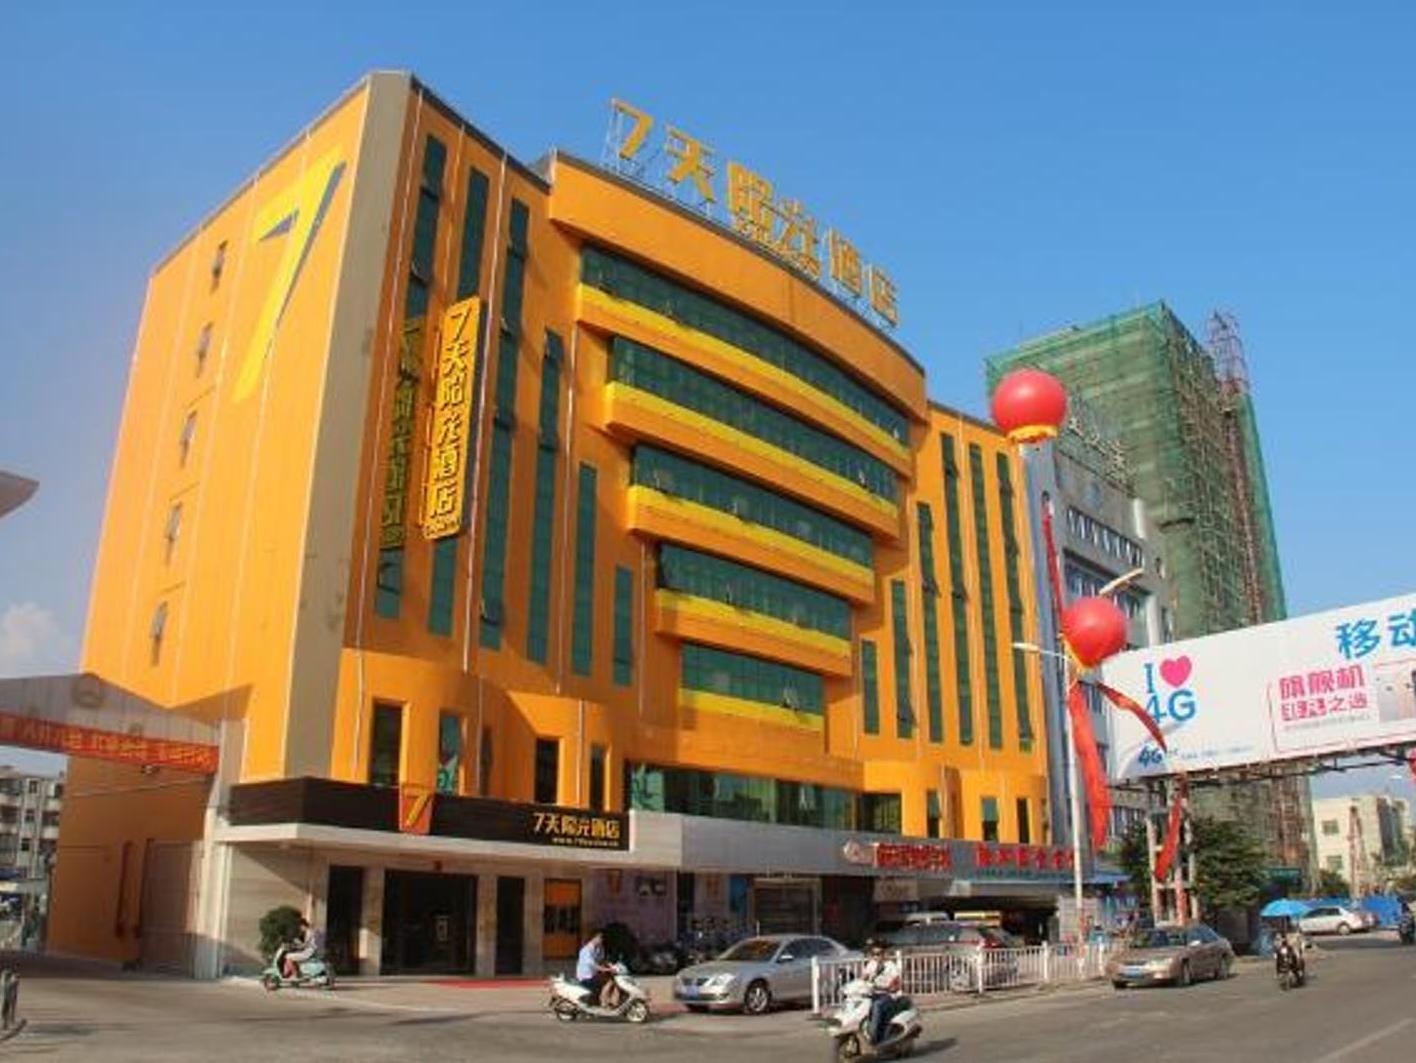 7 Days Inn Shanwei Lufeng Coach Terminal Branch